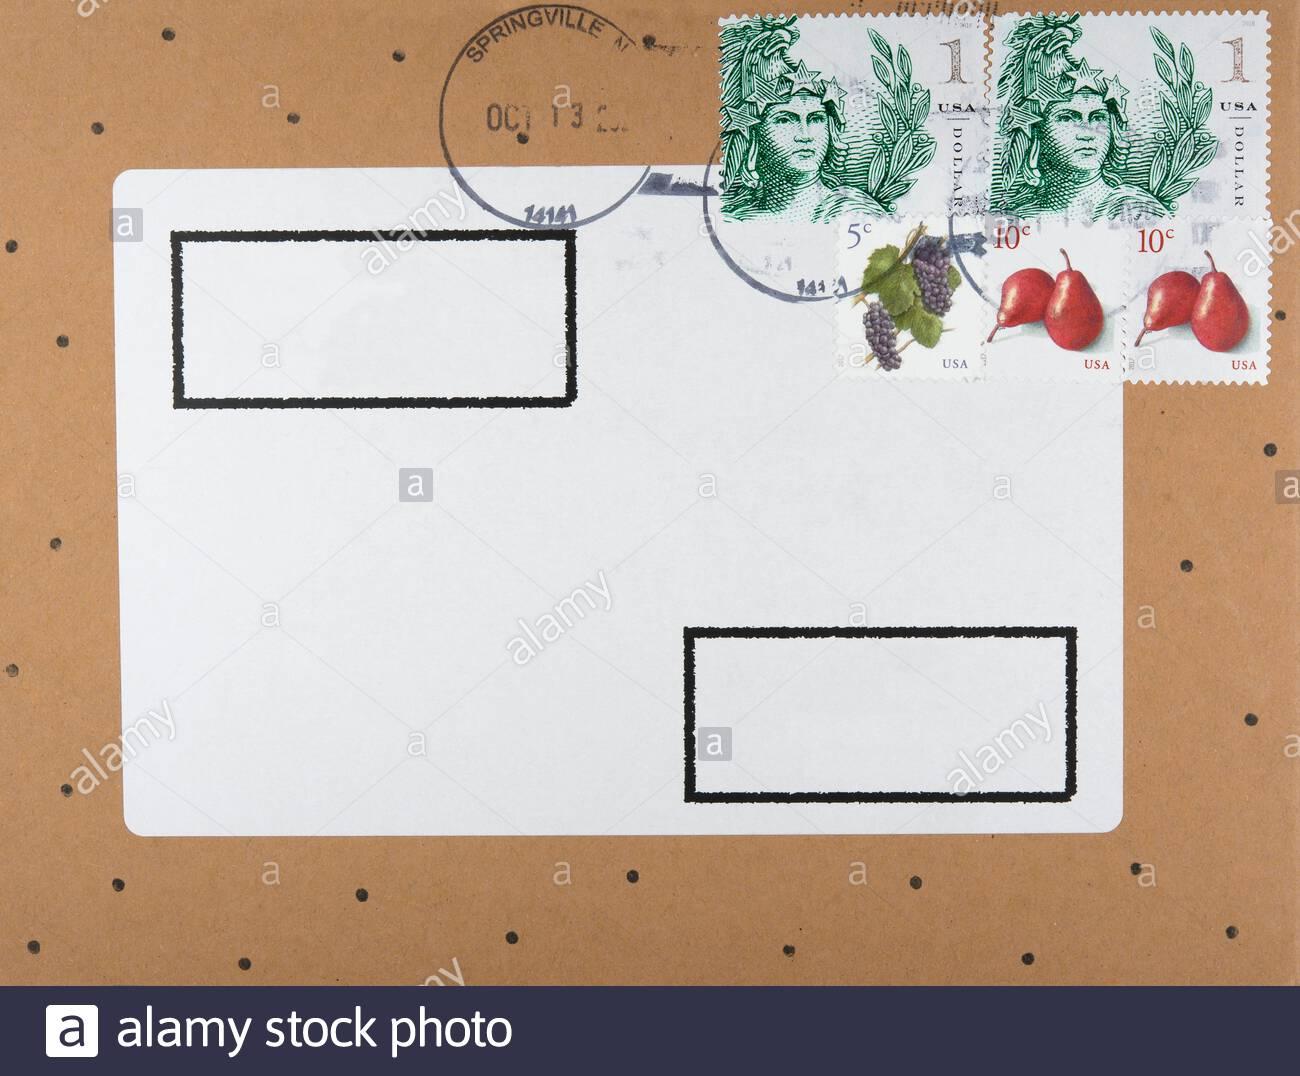 briefumschlag envelope usa amerika america briefmarken stamps springville gestempelt used früchte fruits frau gesicht face punkte eagle adler braun Stock Photo